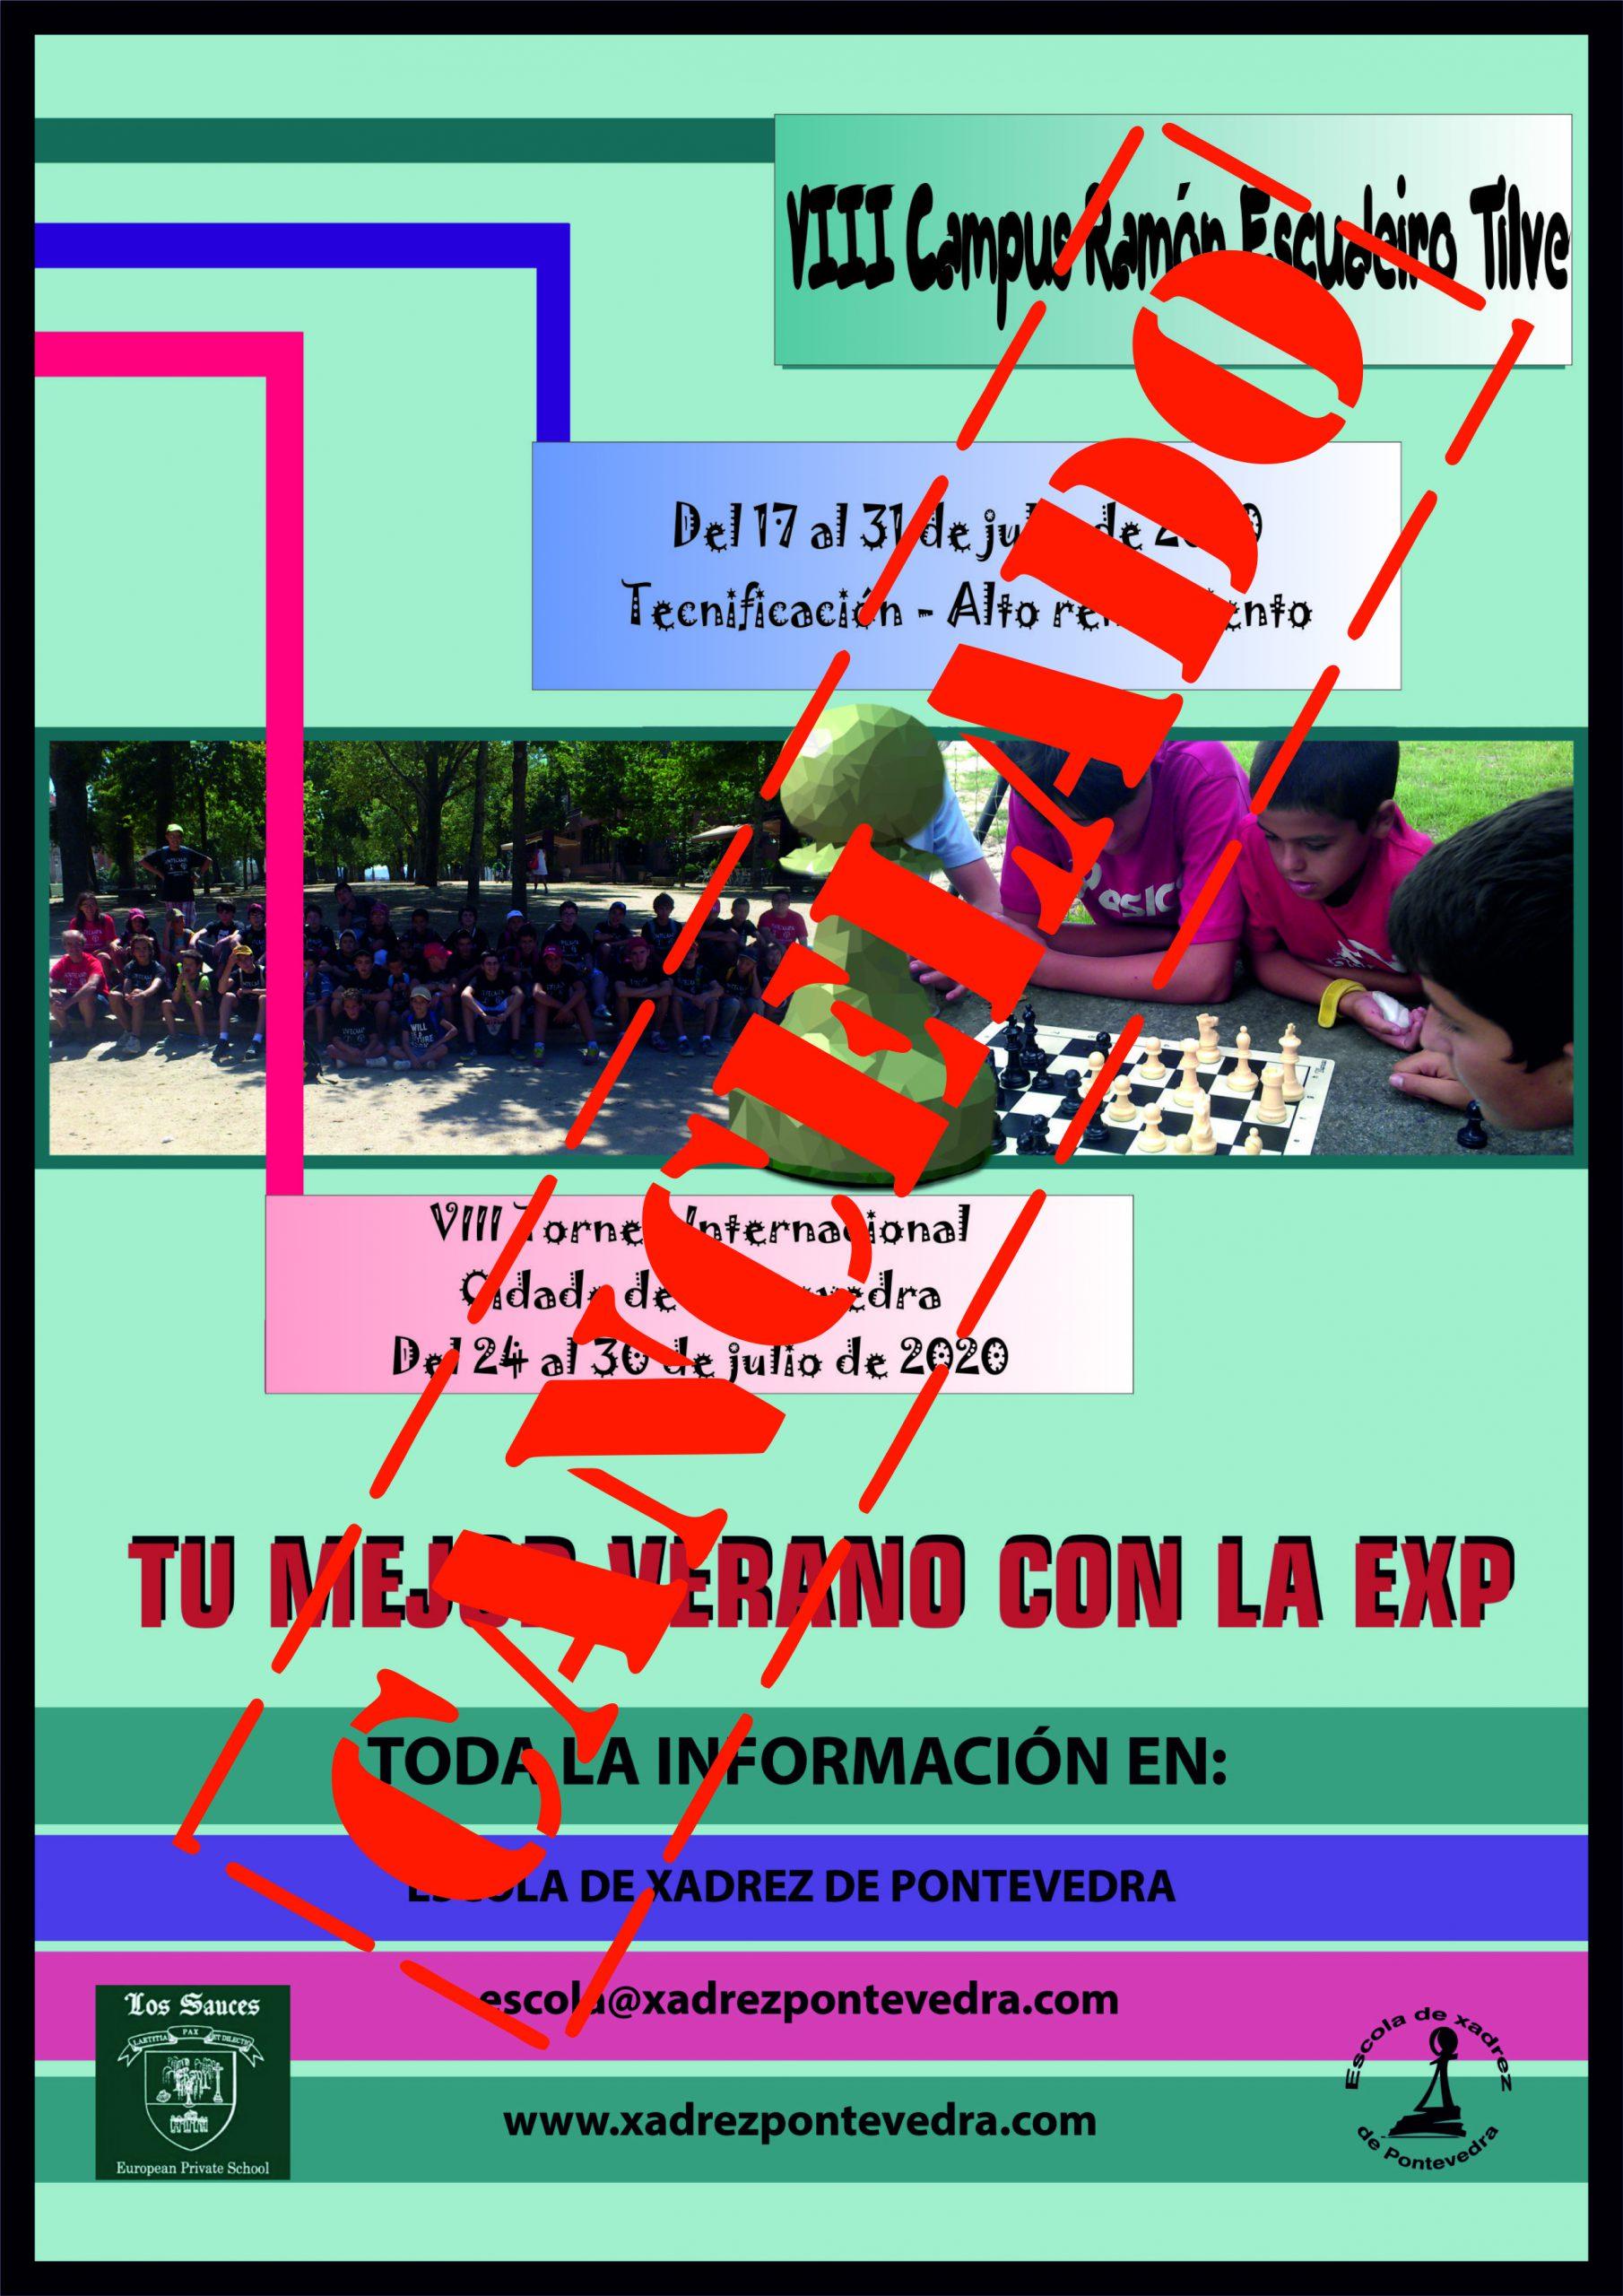 Cancelación del VIII Campus Internacional Ramón Escudeiro Tilve